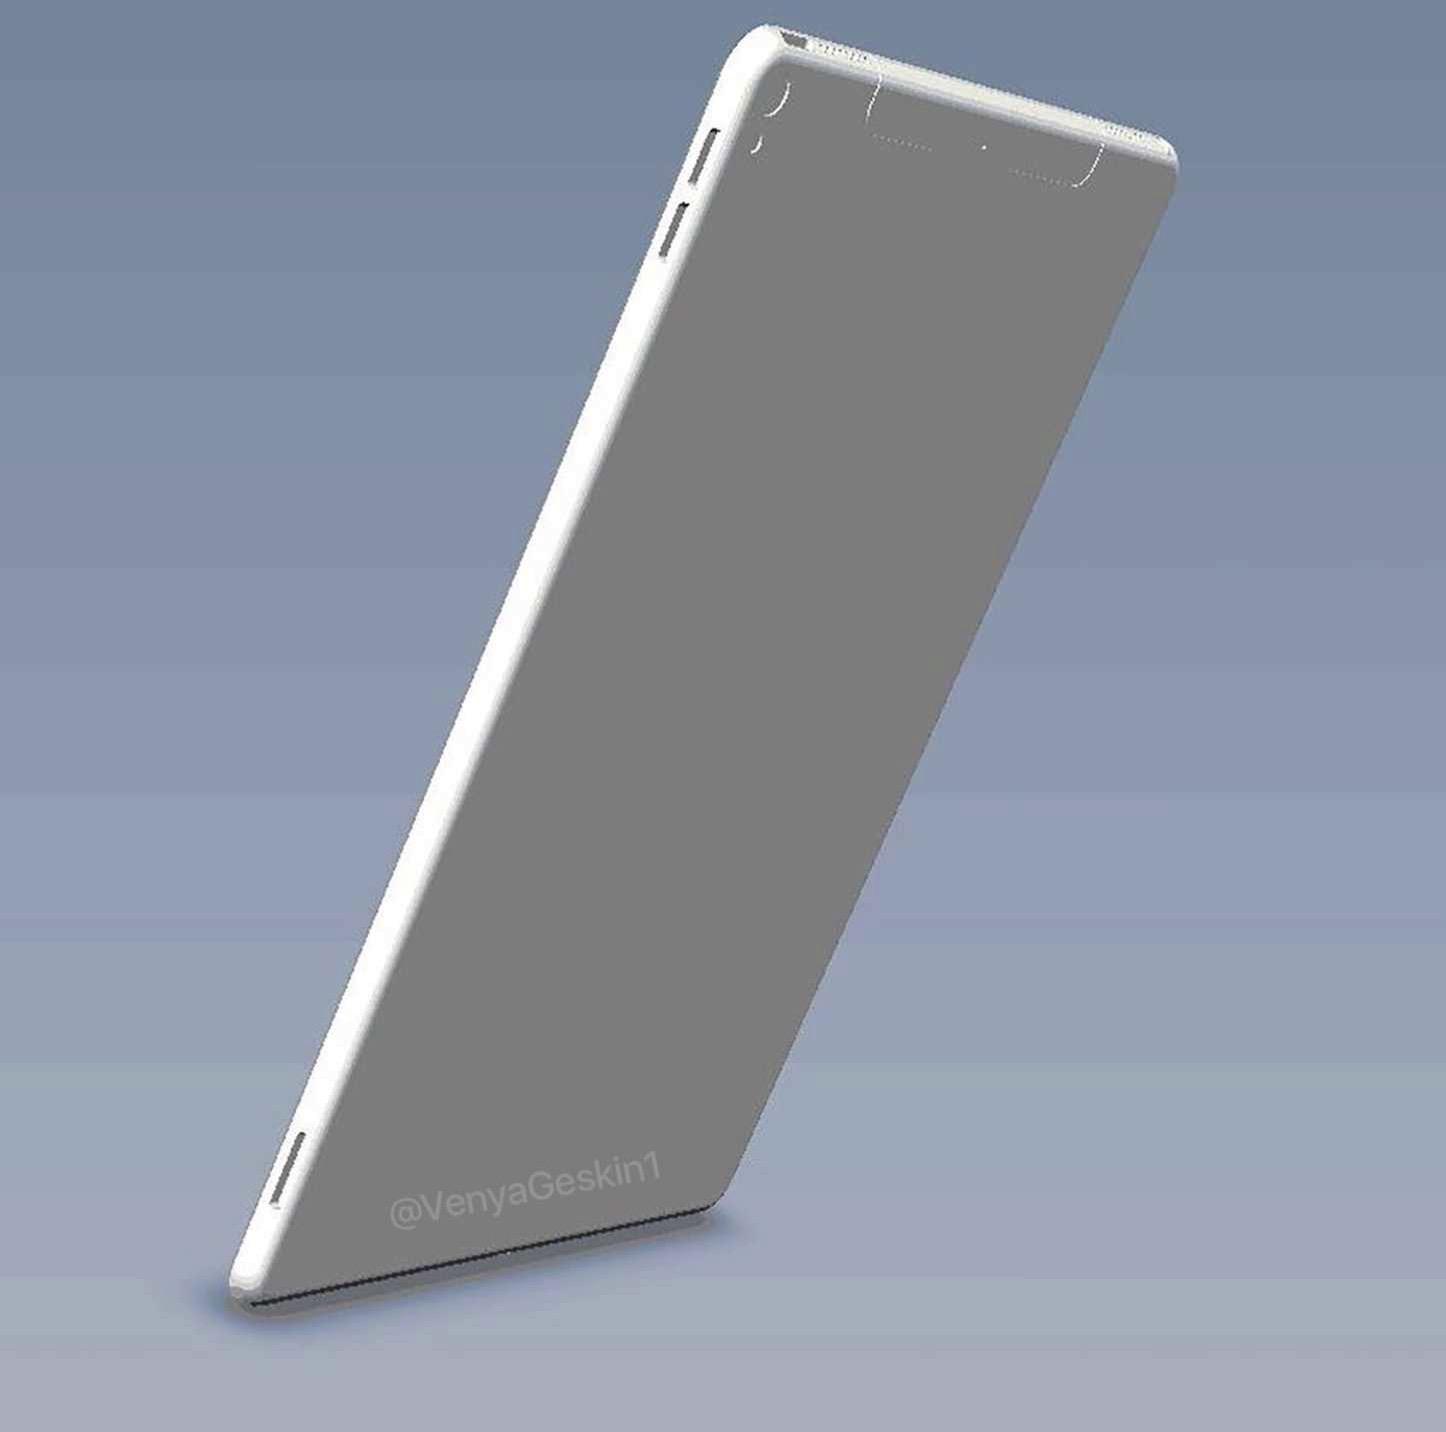 10.5インチ型iPad Proのモックアップ